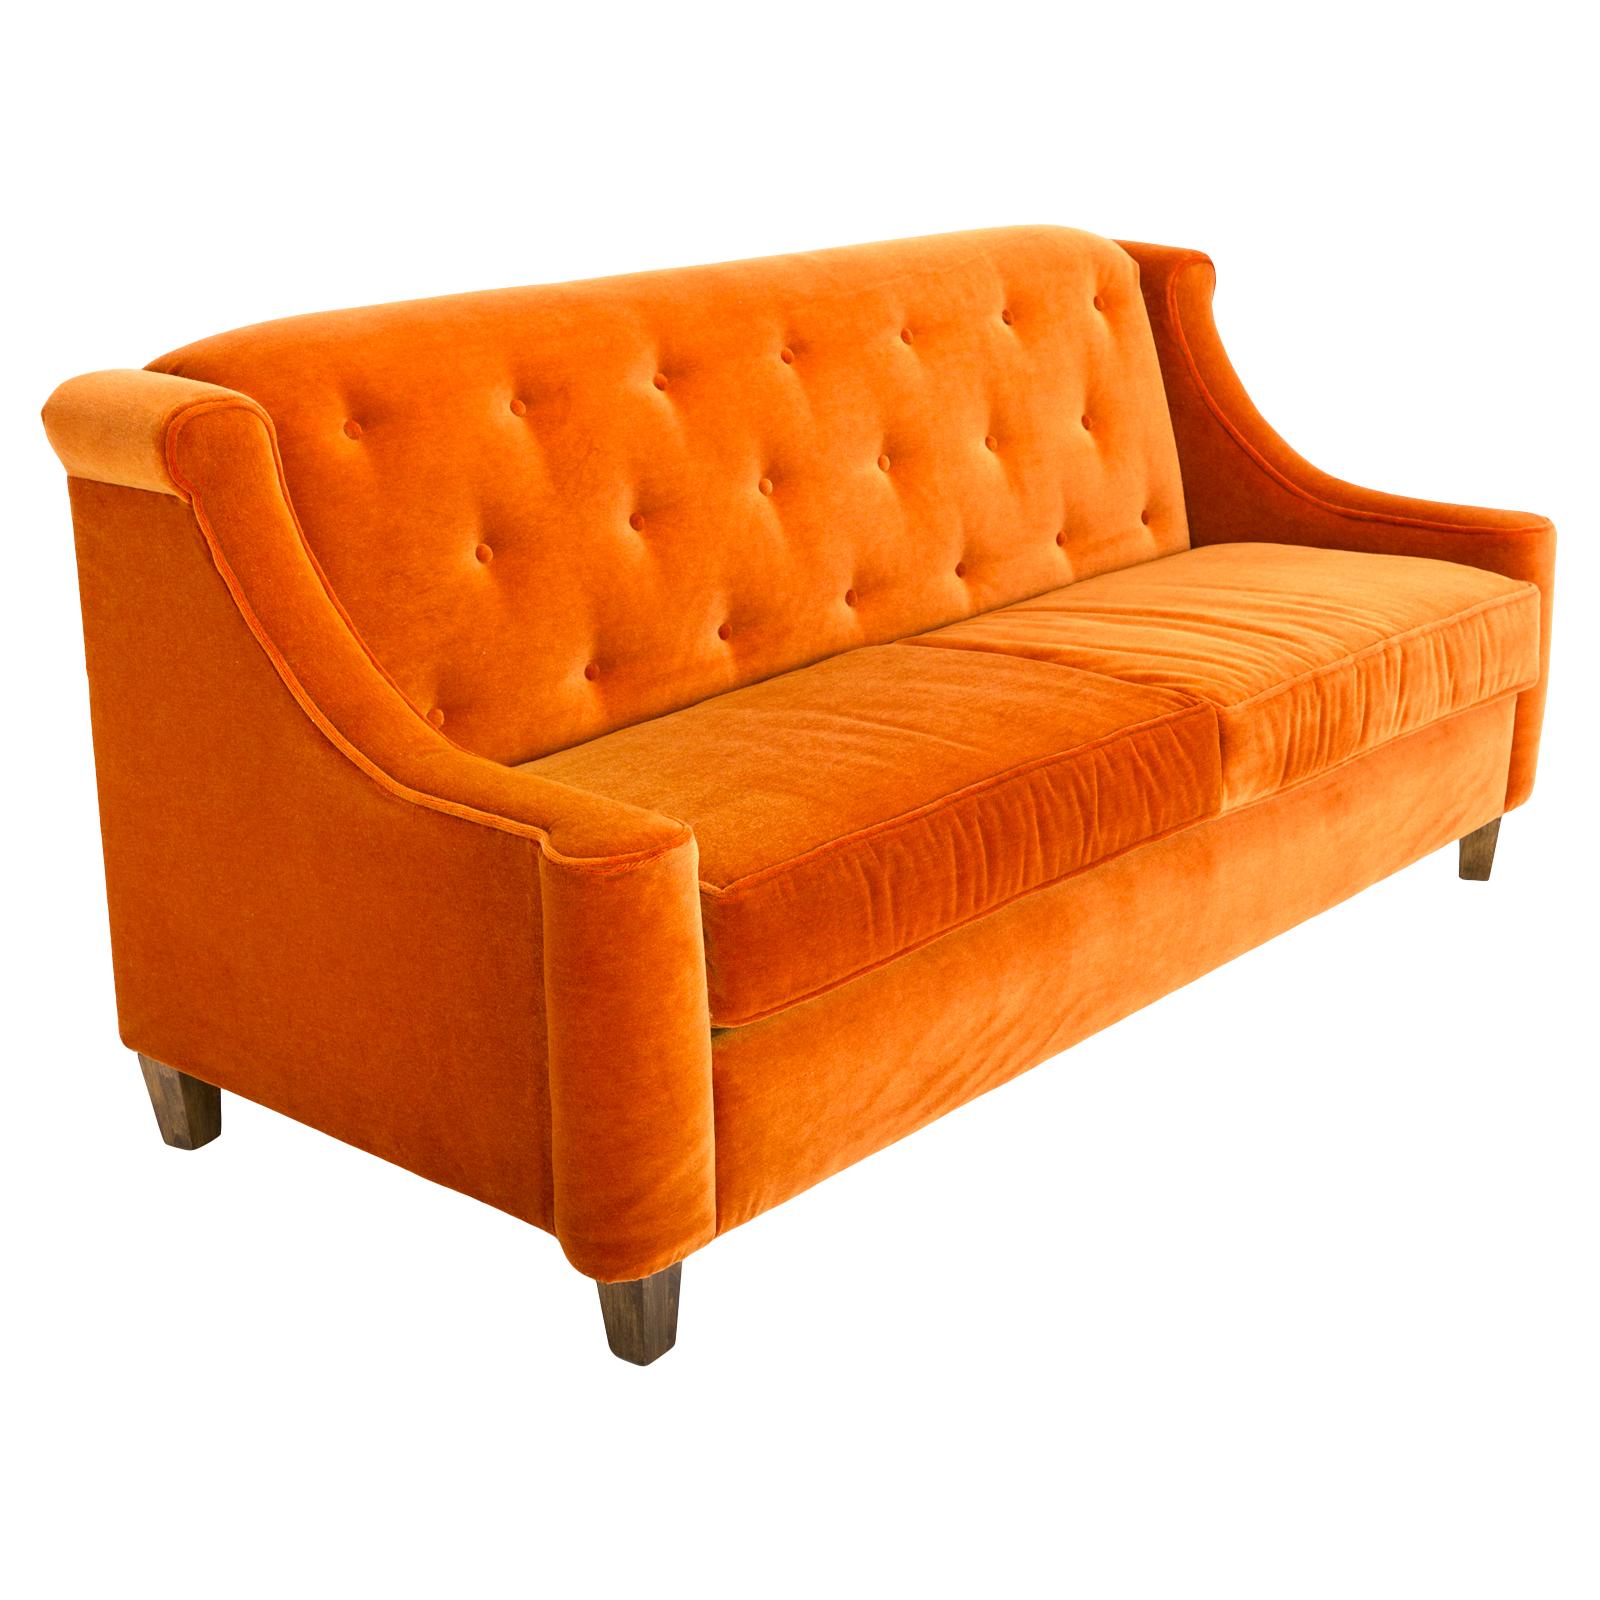 rental sofa dunbar vintage orange rentals event furniture formdecor